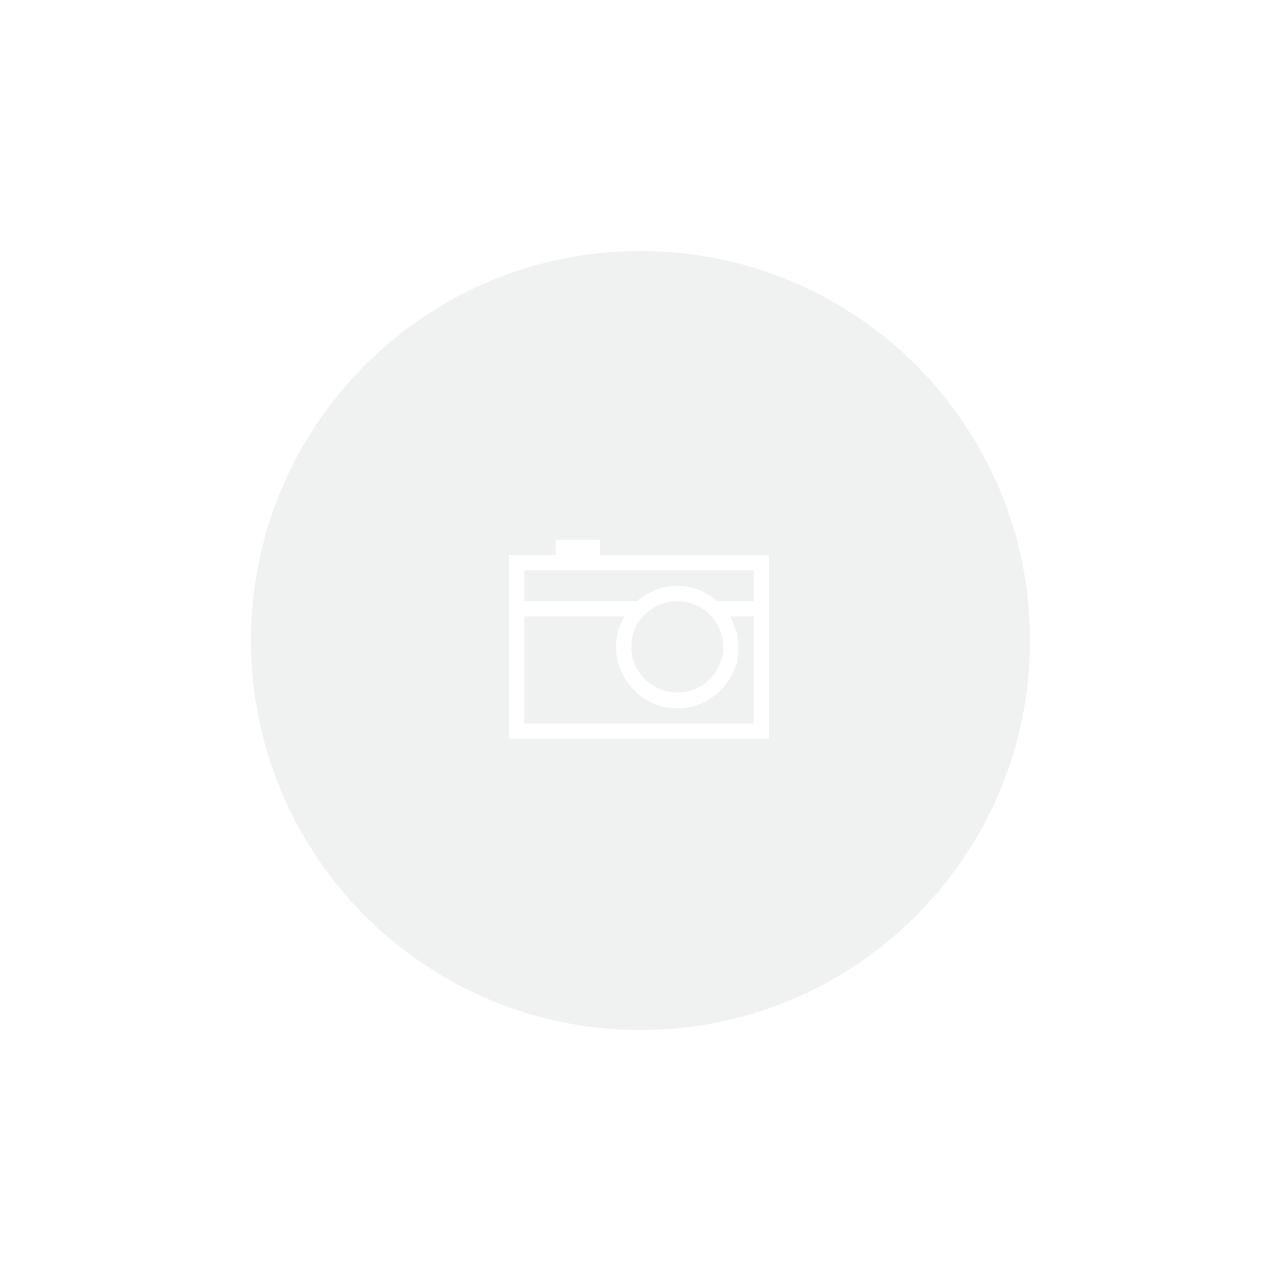 Gaspedal Speed-Buster c/ App -  Chrysler